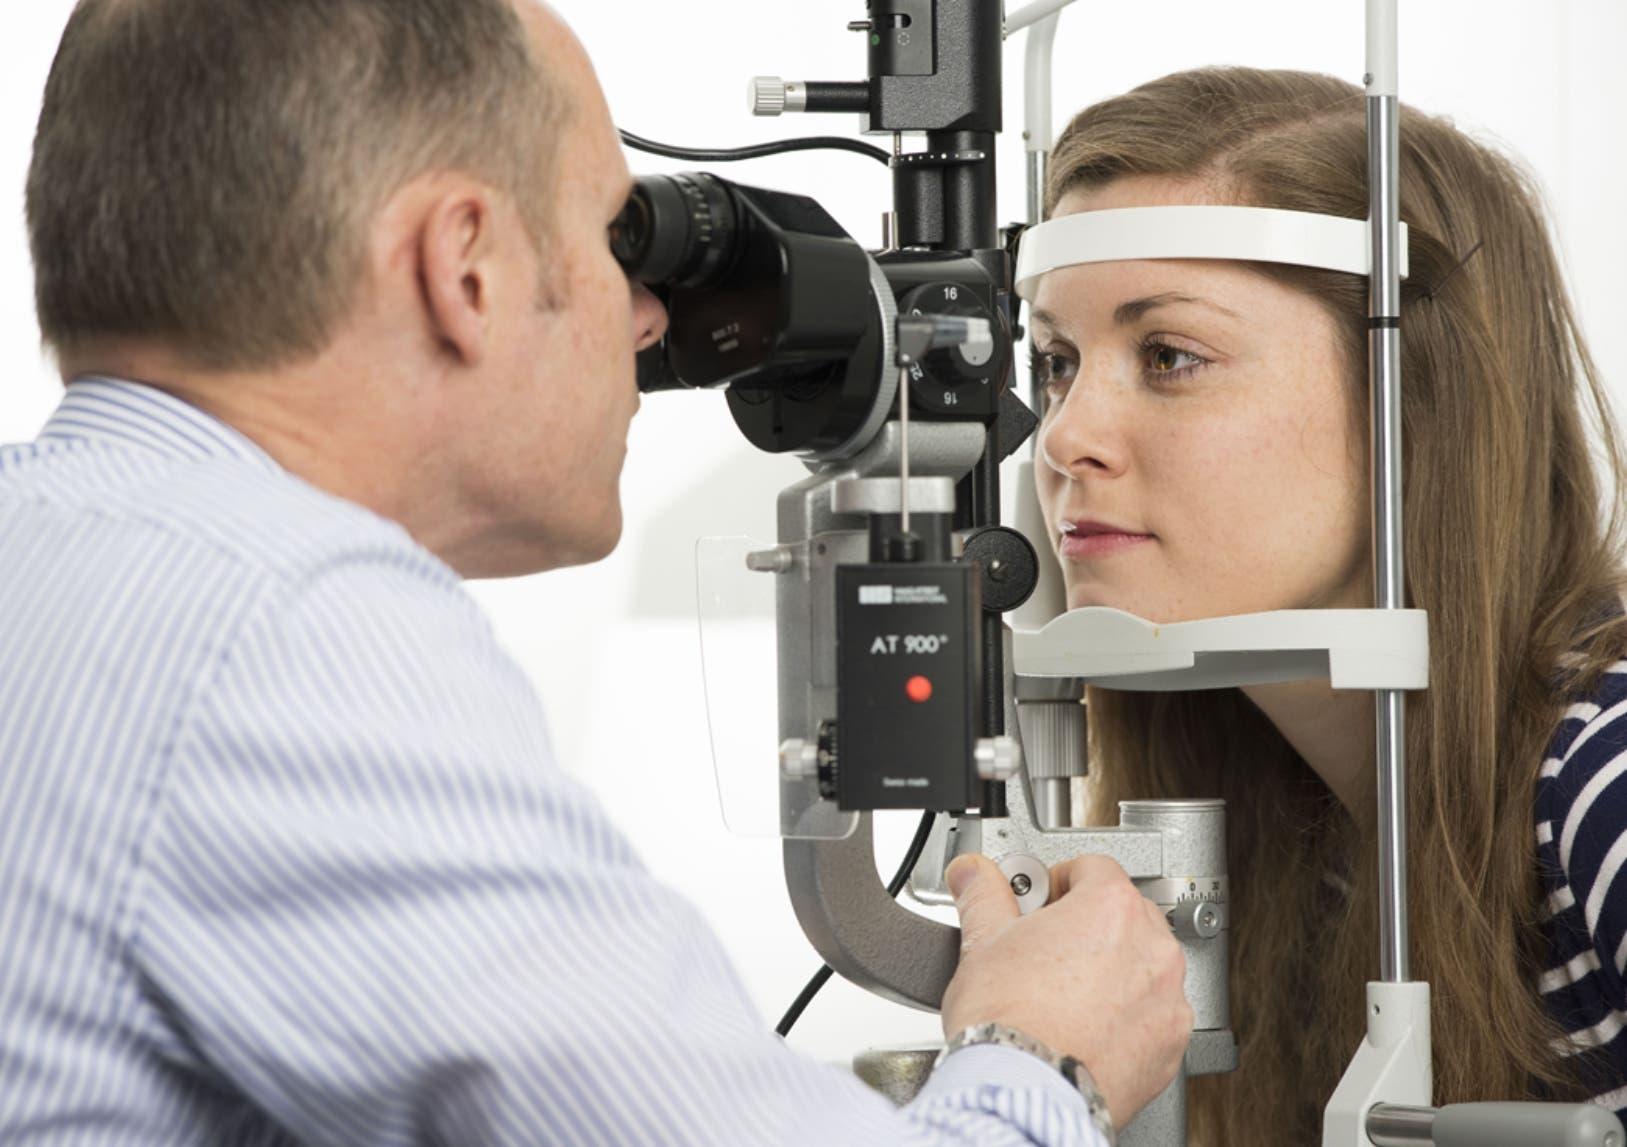 La prevalencia de enfermedades oculares infecciosas, ha disminuido de forma significativa en los últimos 25 años.